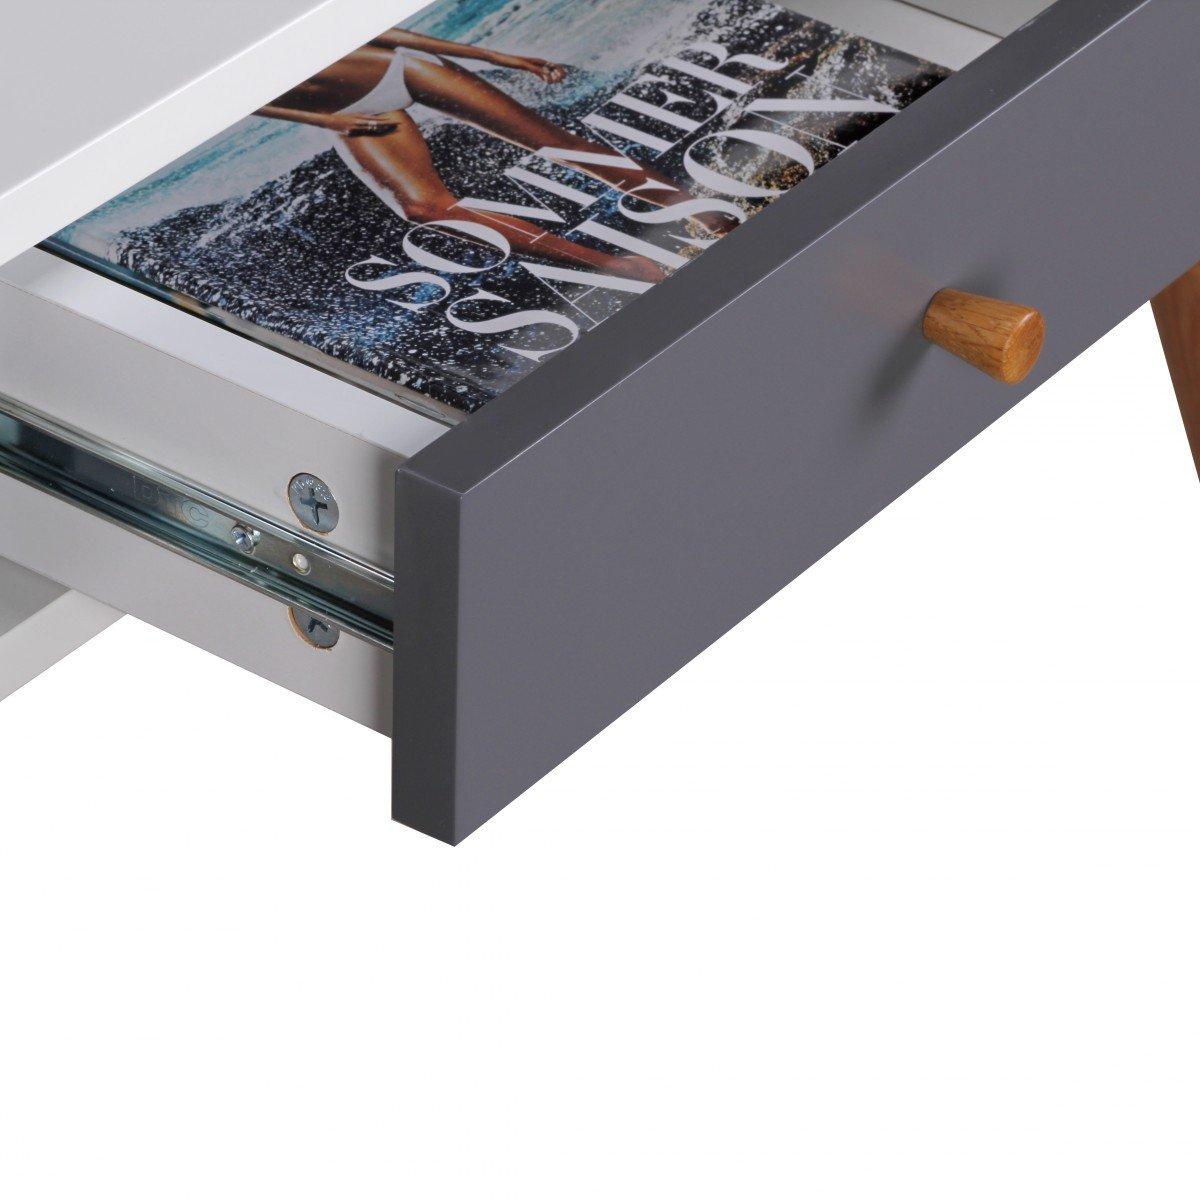 kchen 3 schubladen finest finebuy design retro mit schubladen wei blau kleiner mit ablage x x. Black Bedroom Furniture Sets. Home Design Ideas